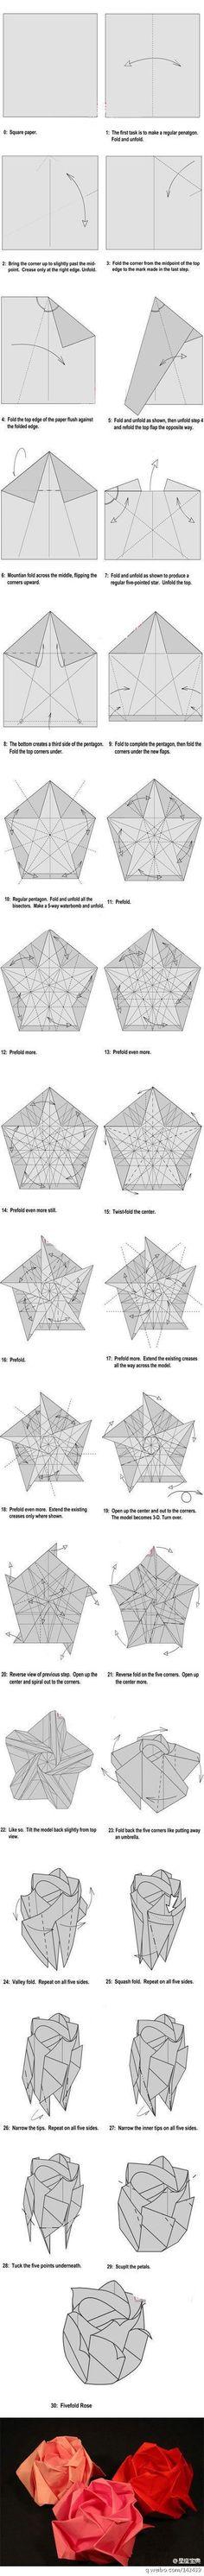 Origami Fivefold Rose